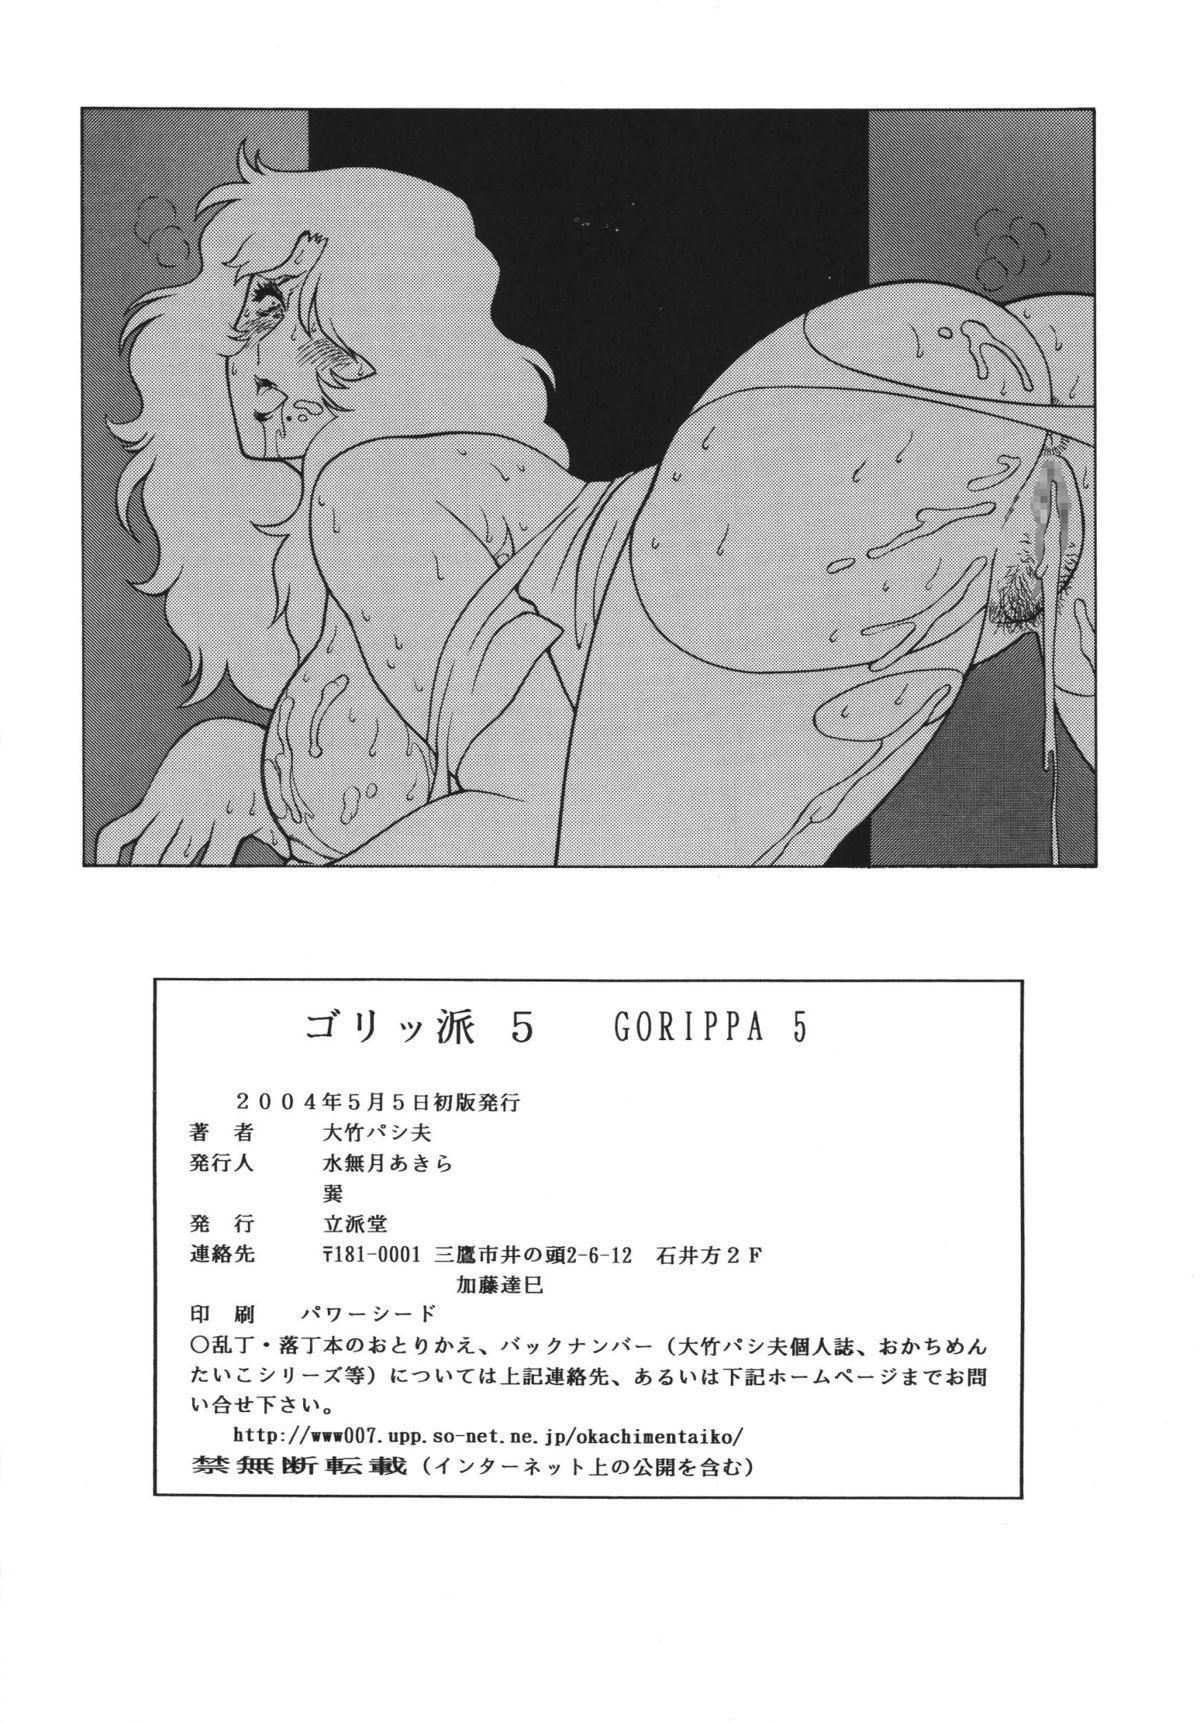 GORIPPA 5 83